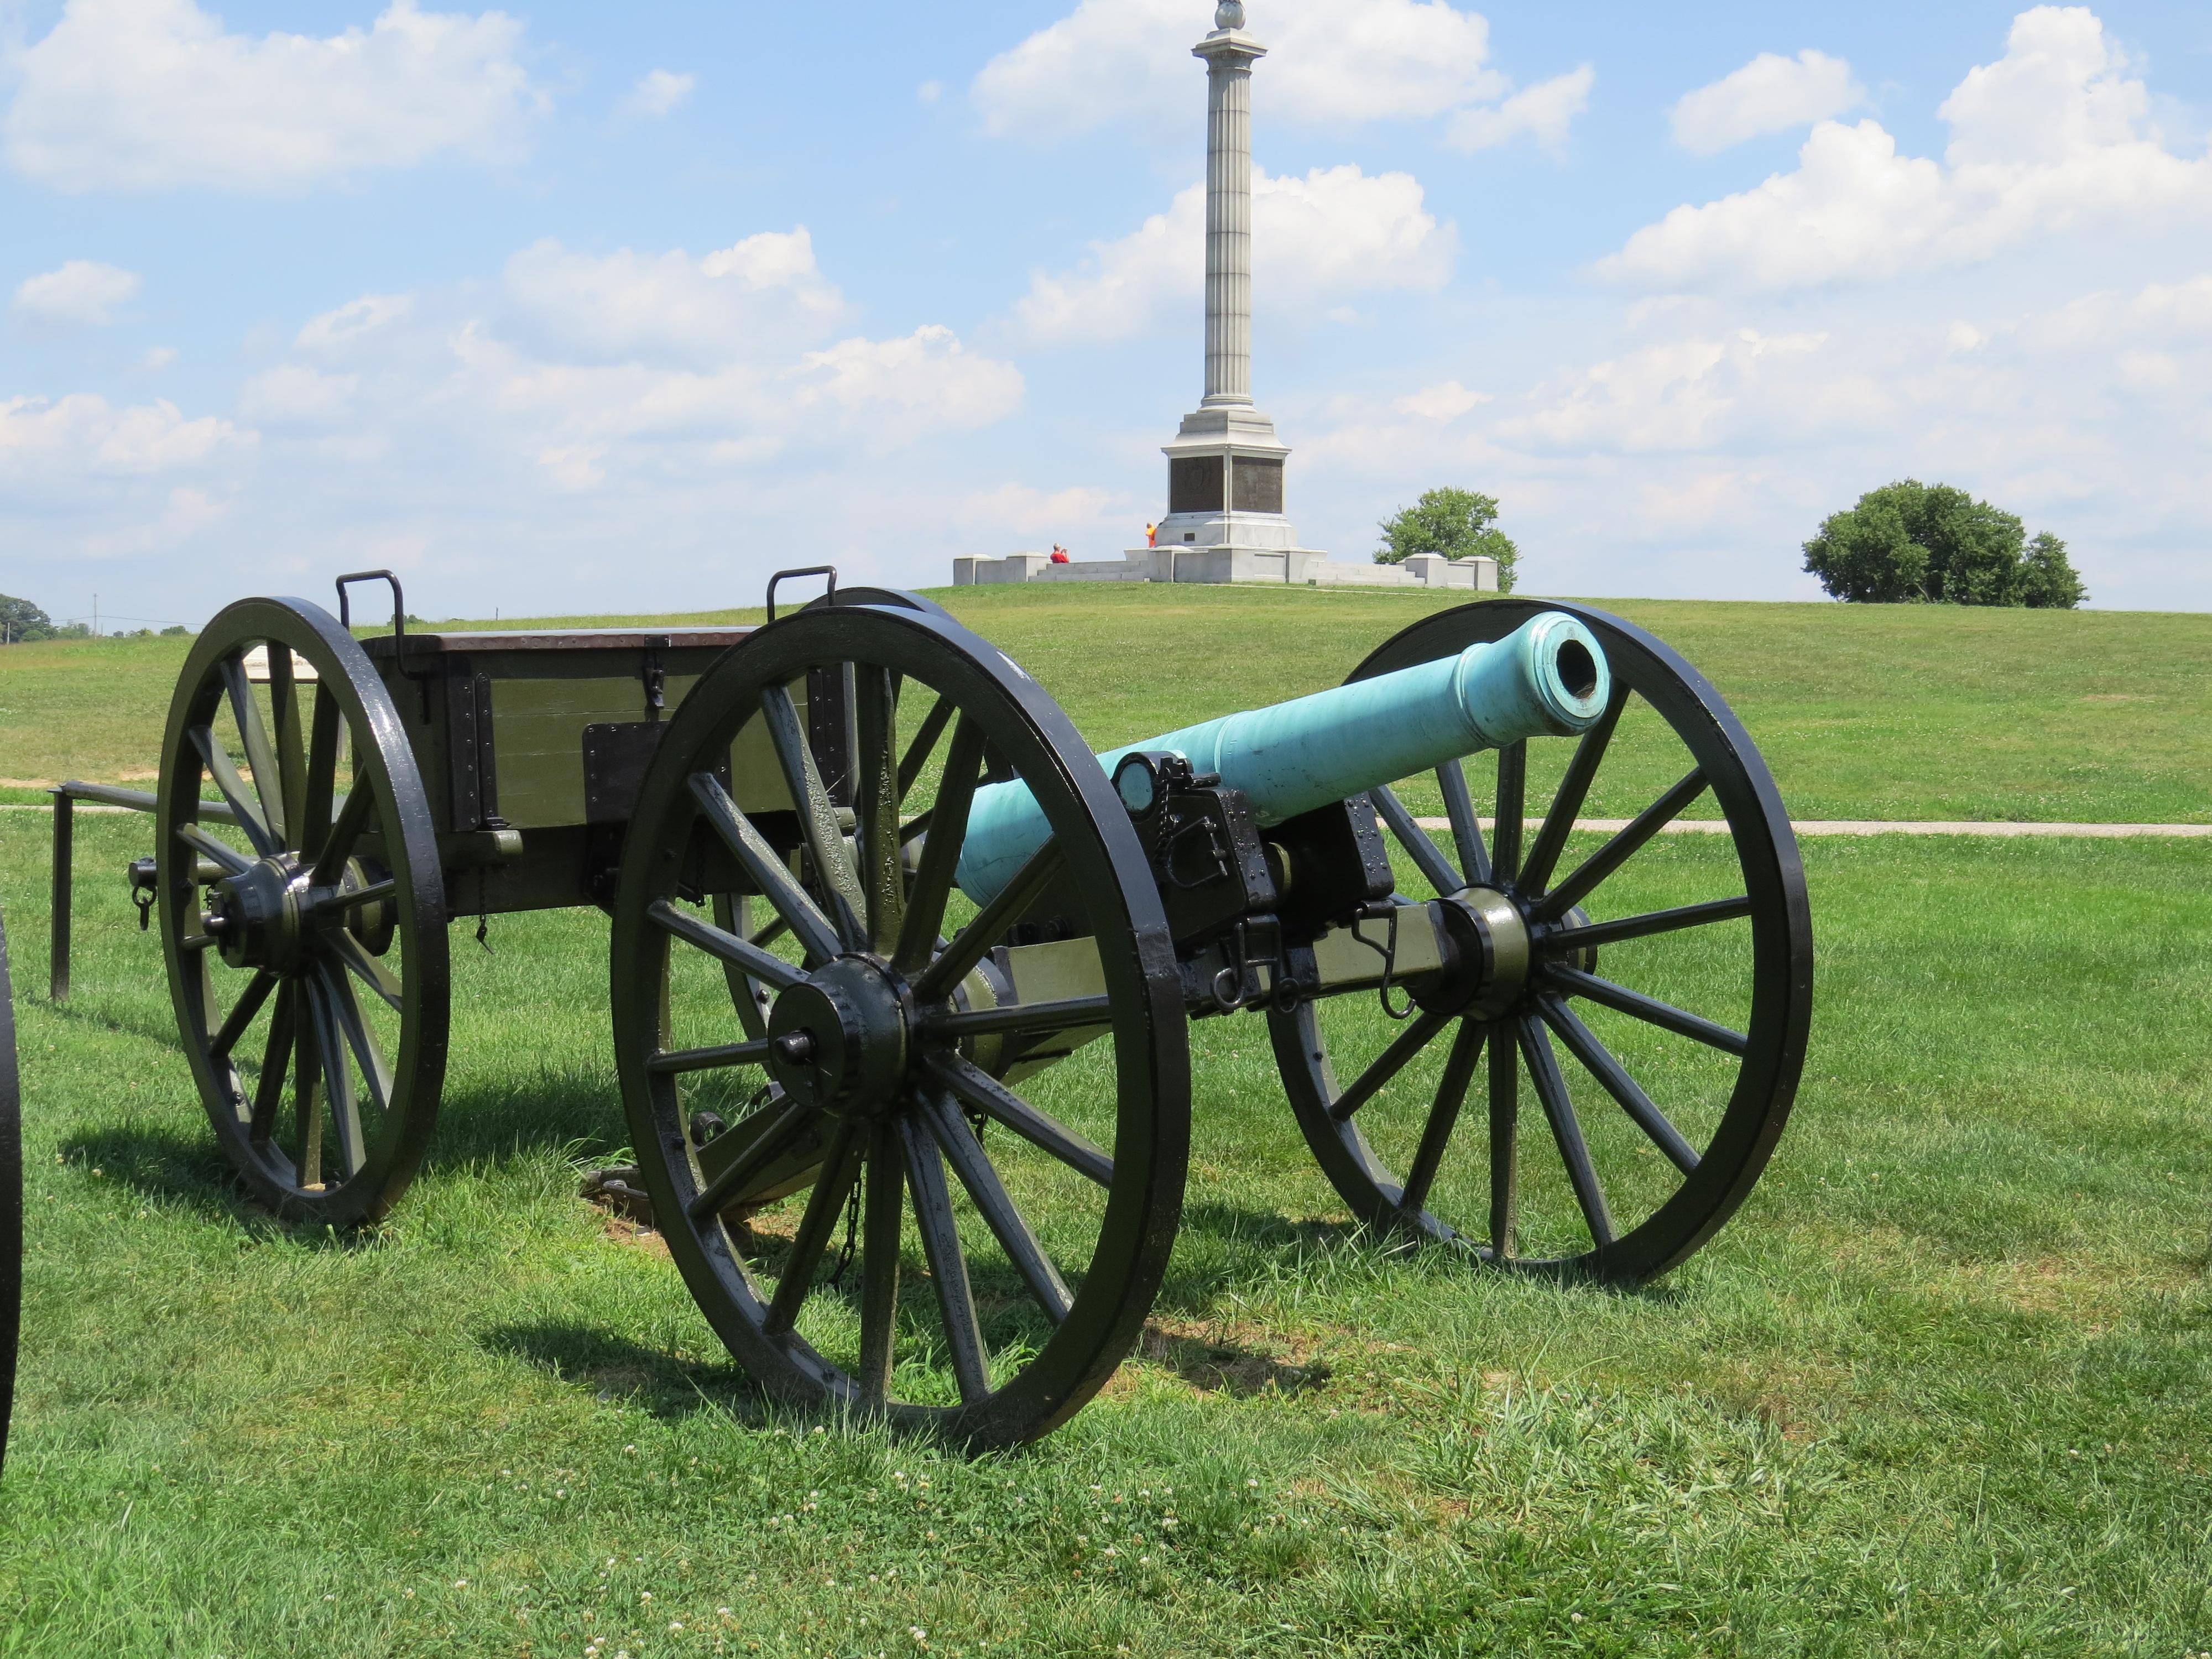 4000x3000 Civil War Artillery Was A Powerful Force During Battle